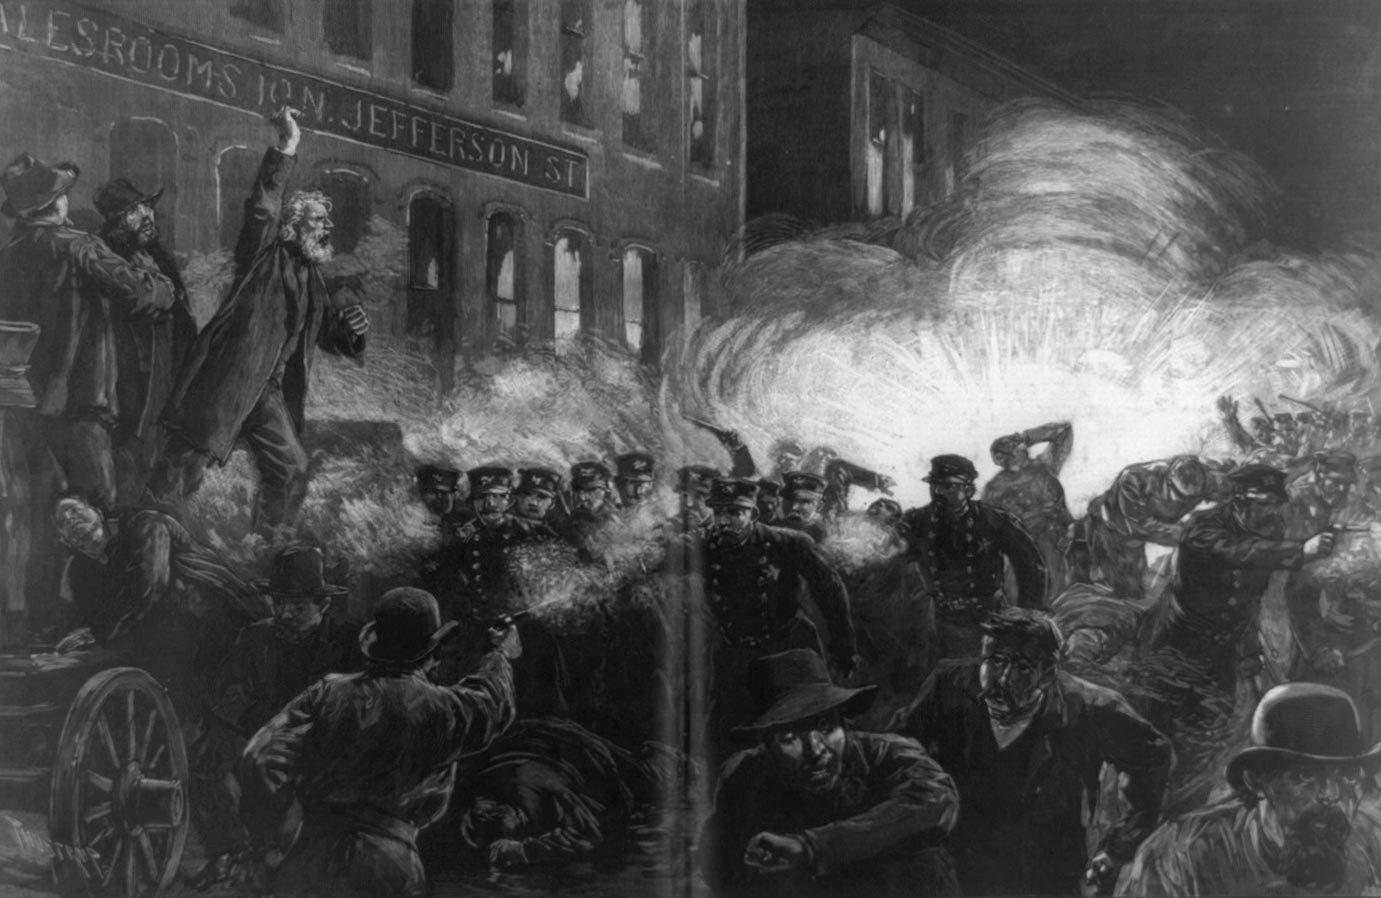 Les conditions de travail ont changé depuis le massacre de Haymarket.